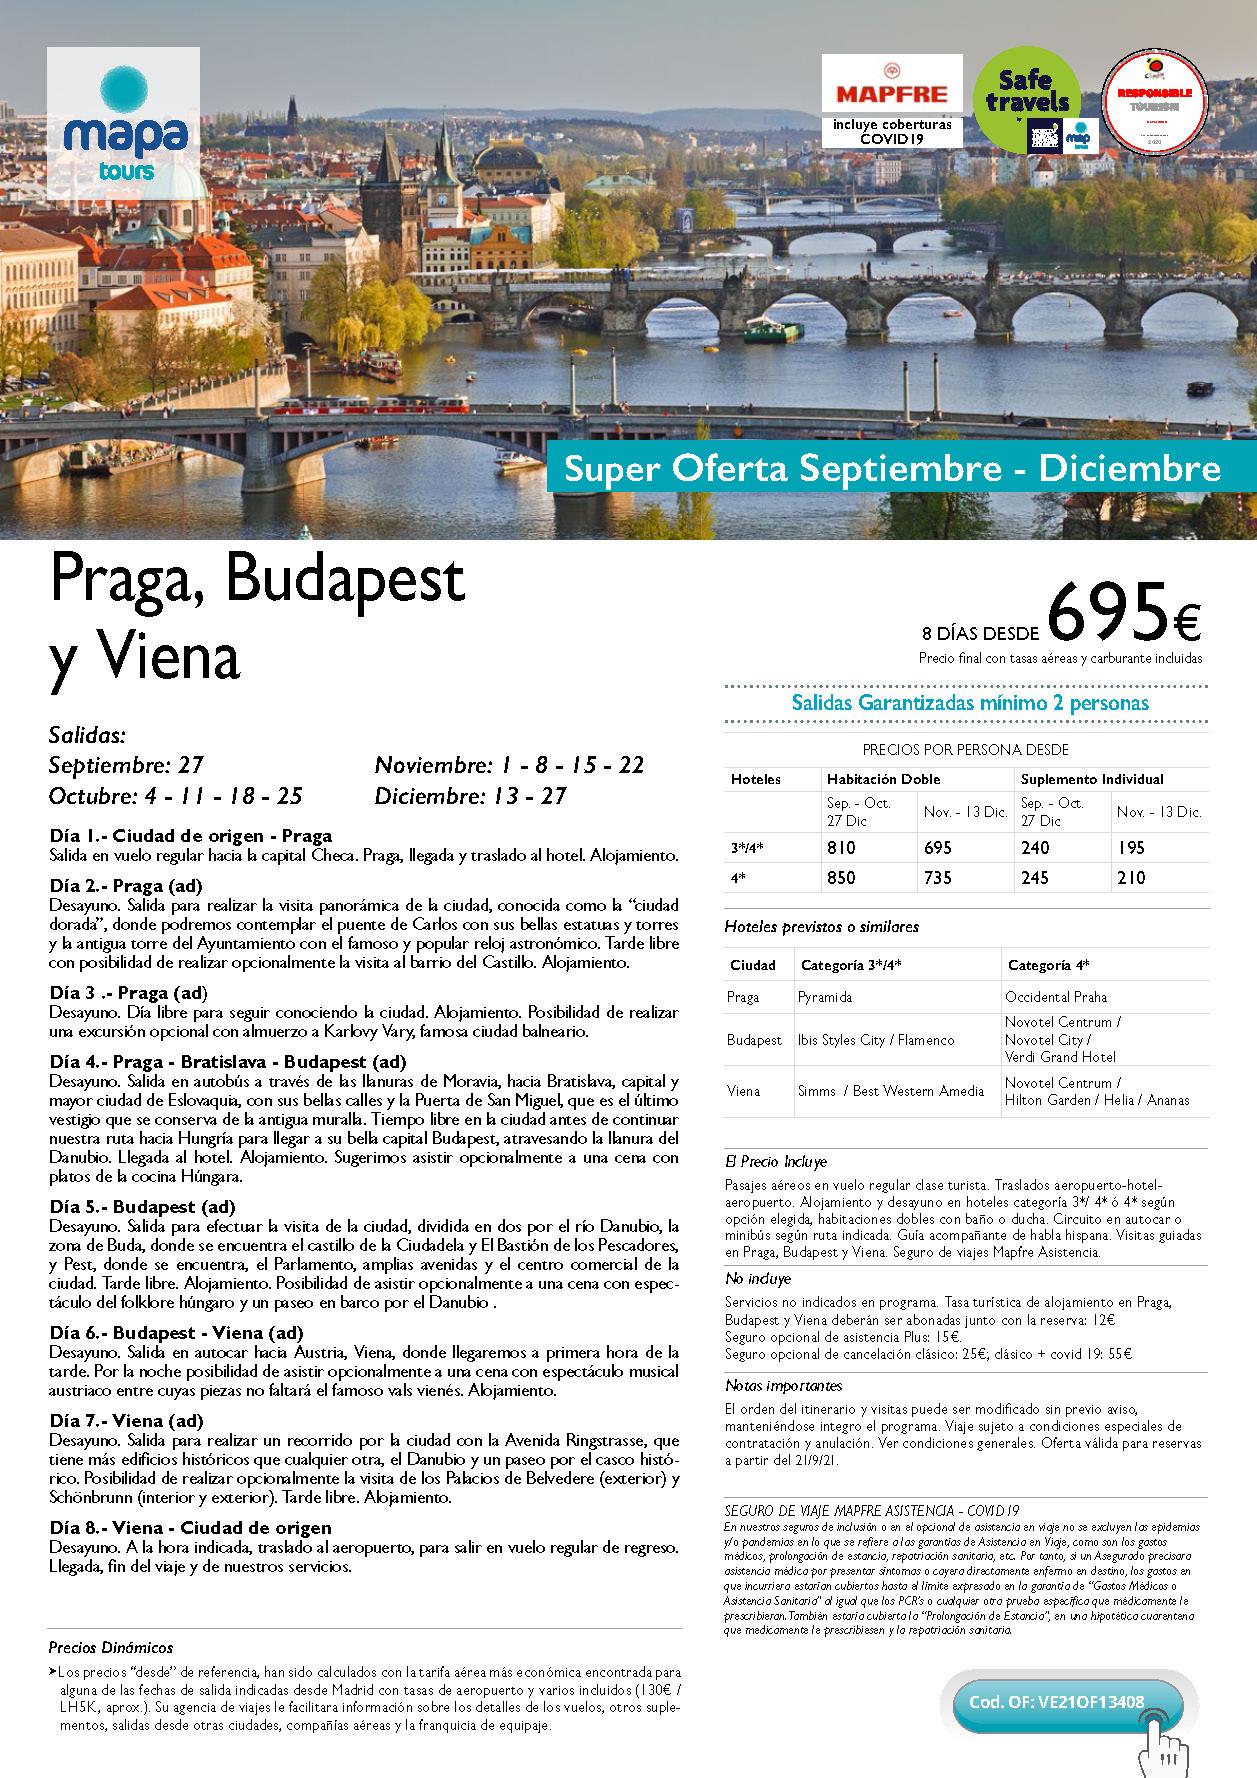 Super Oferta Mapa Tours Septiembre a Diciembre 2021 Praga Budapest Viena salidas desde Madrid